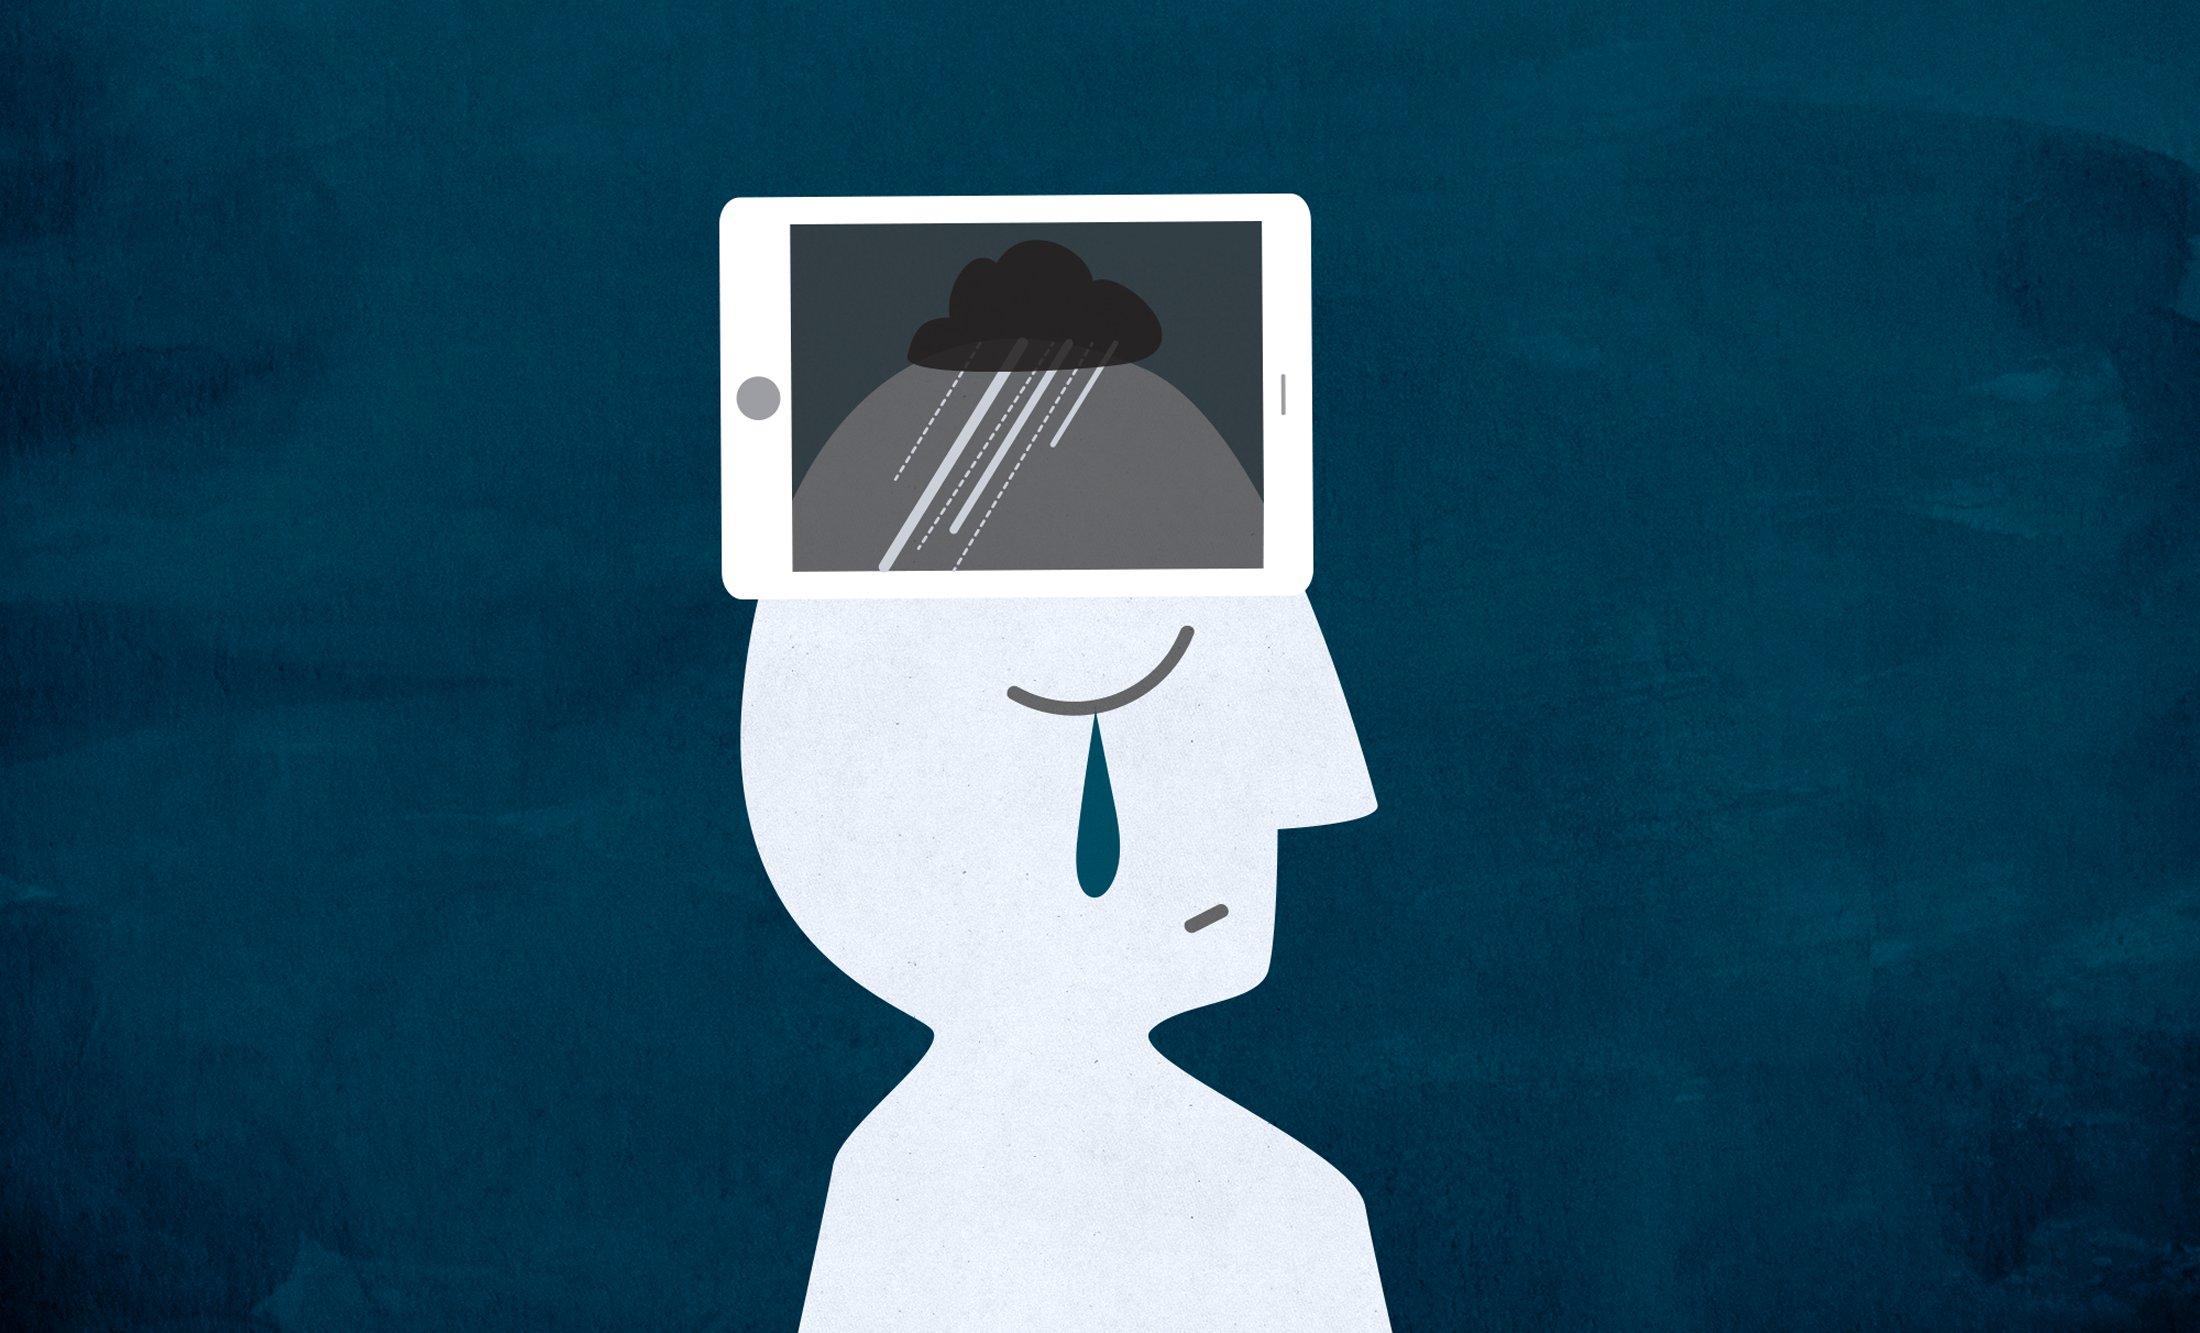 Смартфоны расскажут о вашем психическом состоянии